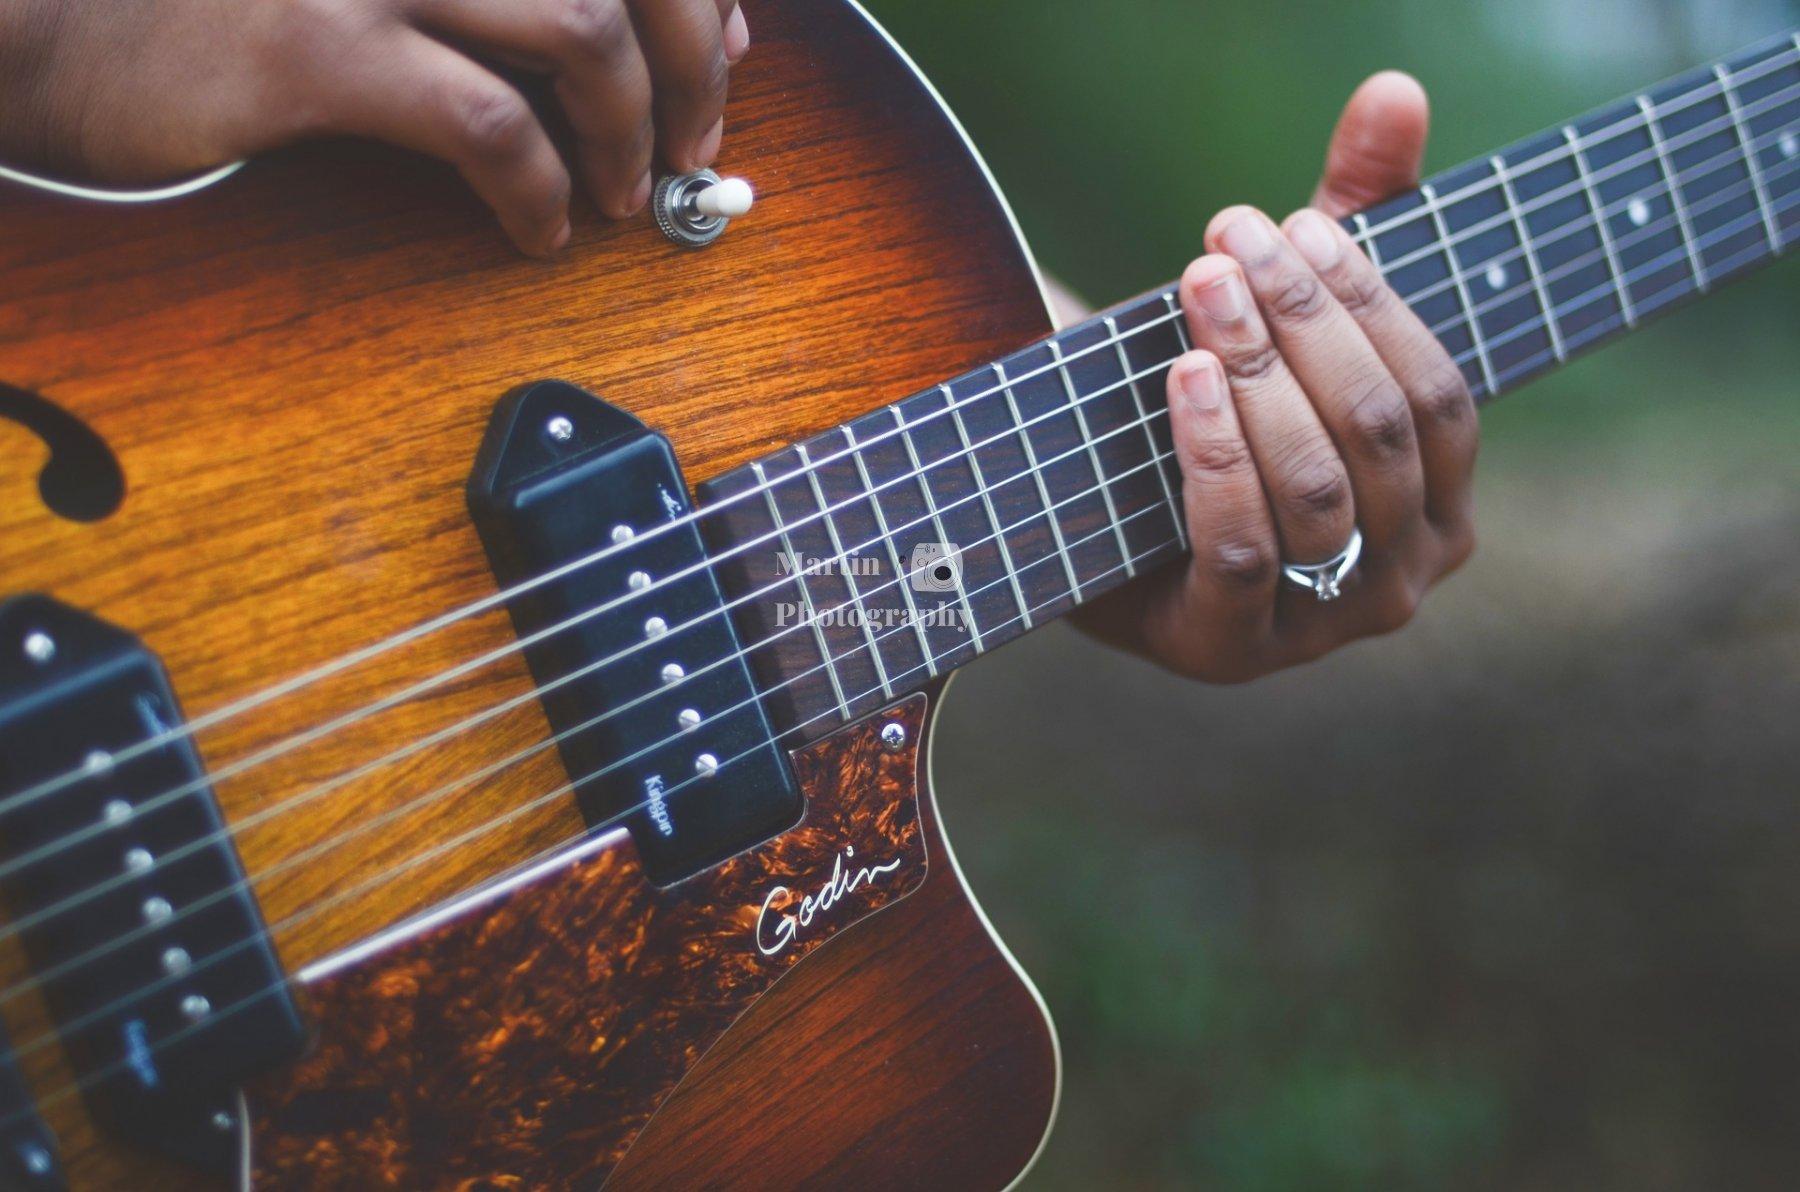 guitar-1537991_1920